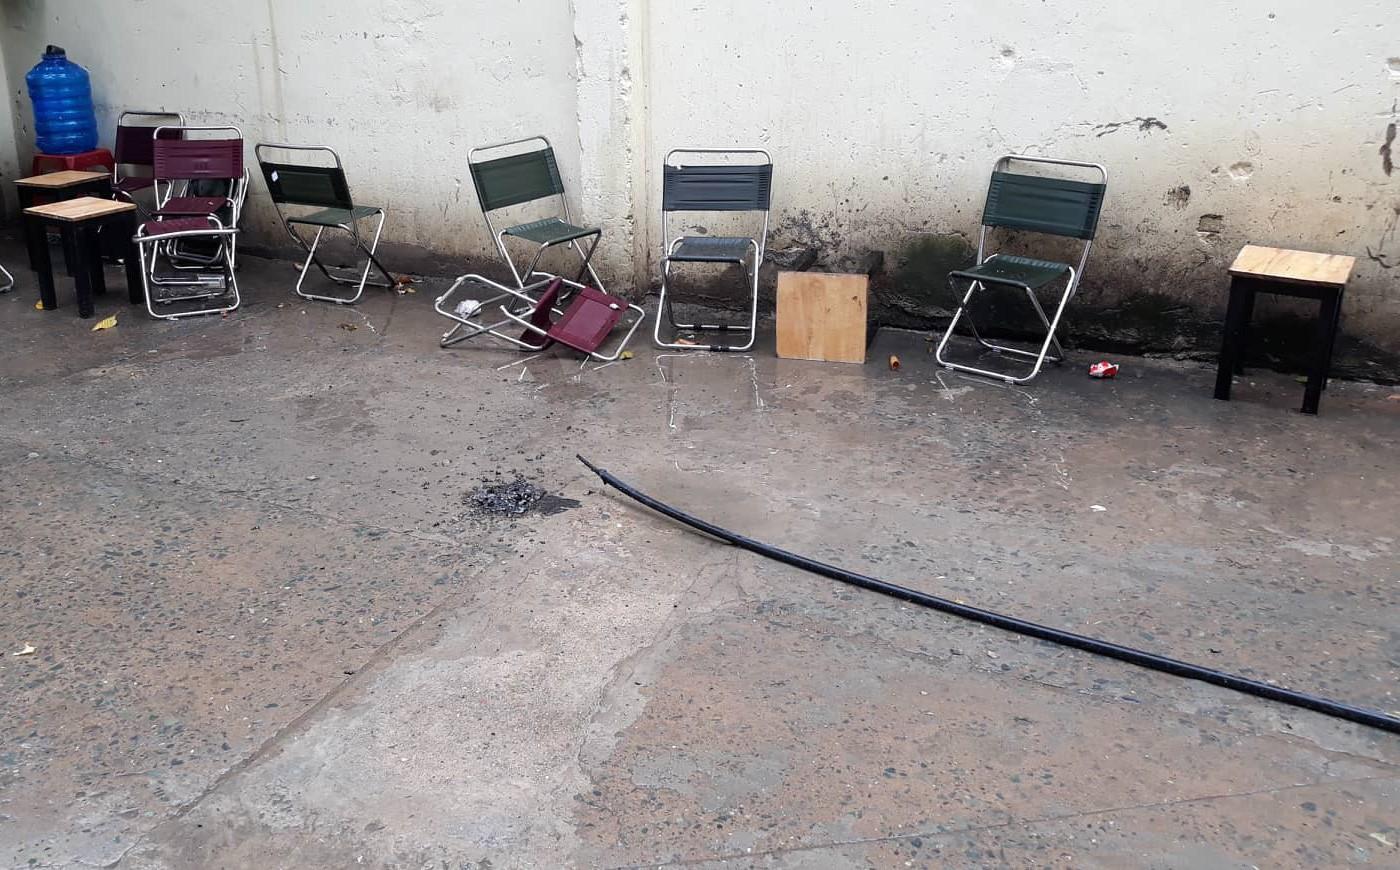 Người đàn ông tử vong vì bị dây điện rơi trúng khi ngồi uống cà phê trên vỉa hè ở Sài Gòn